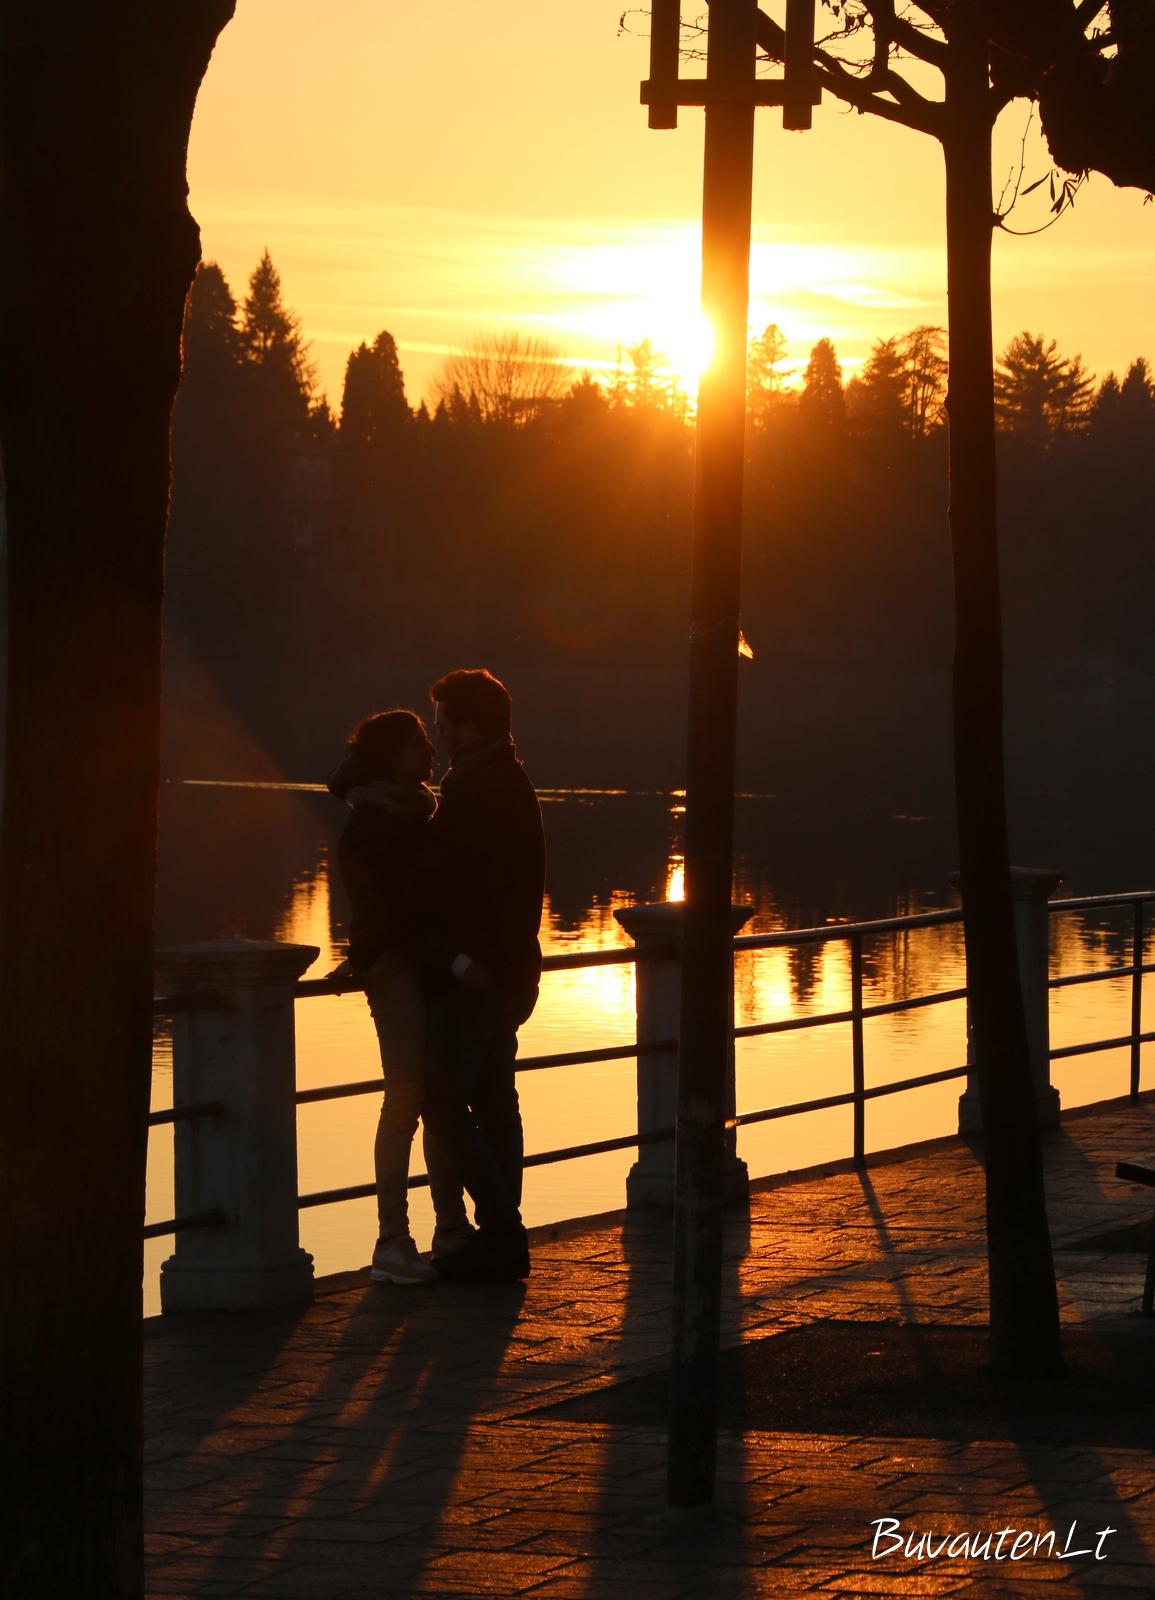 Ir šiek tiek romantikos